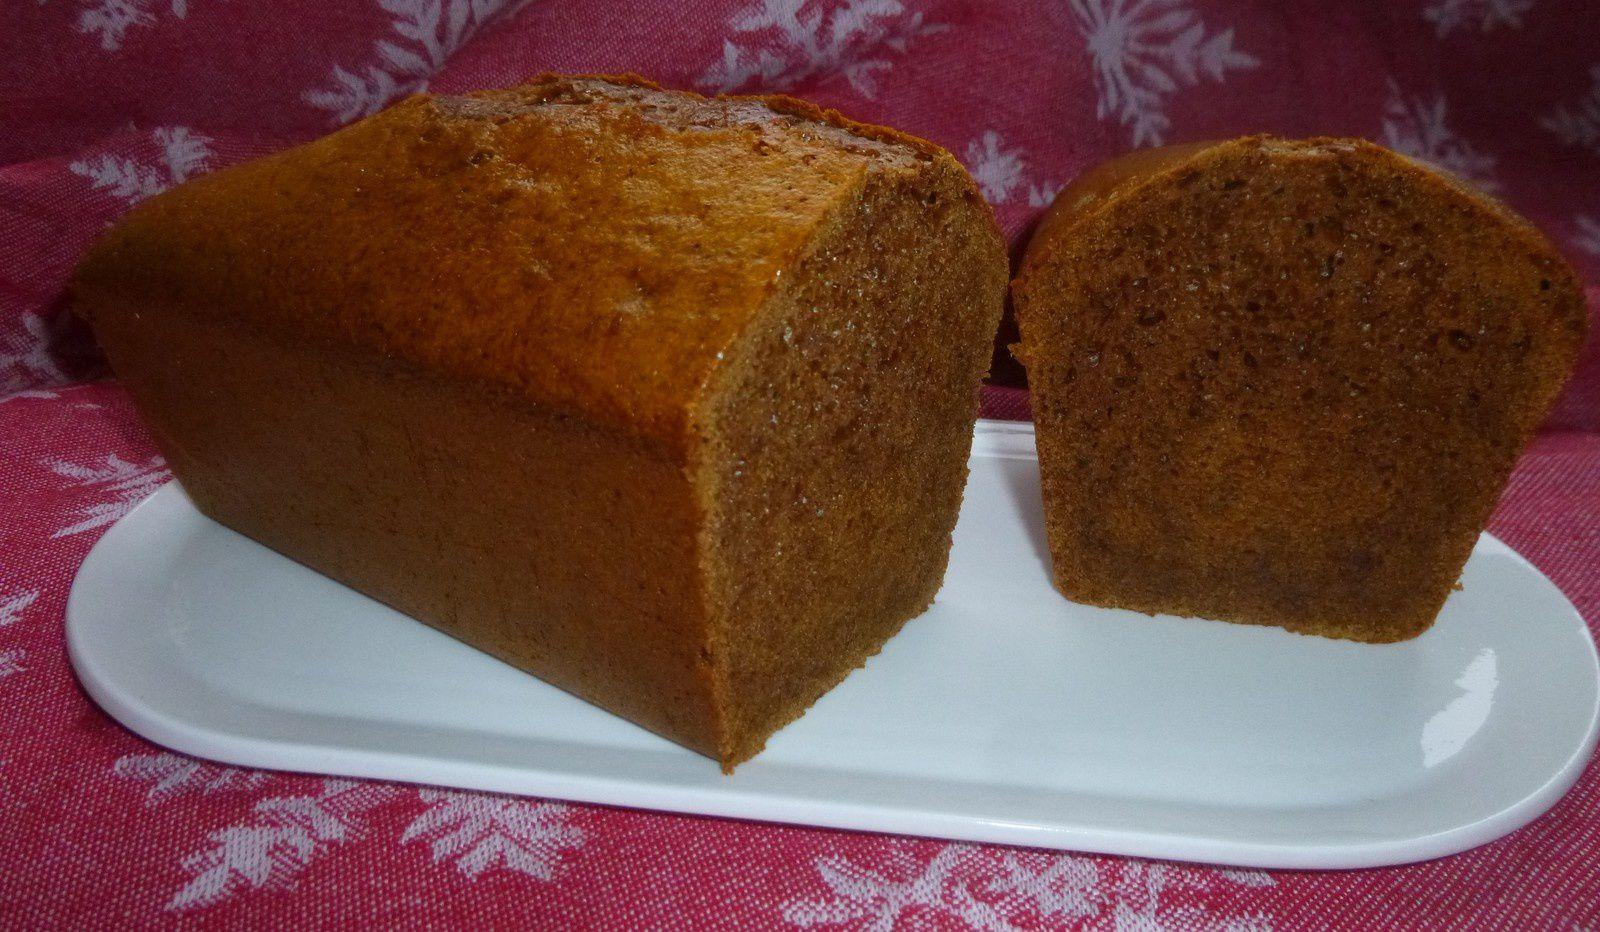 pain d'épices pour accompagner le foie gras